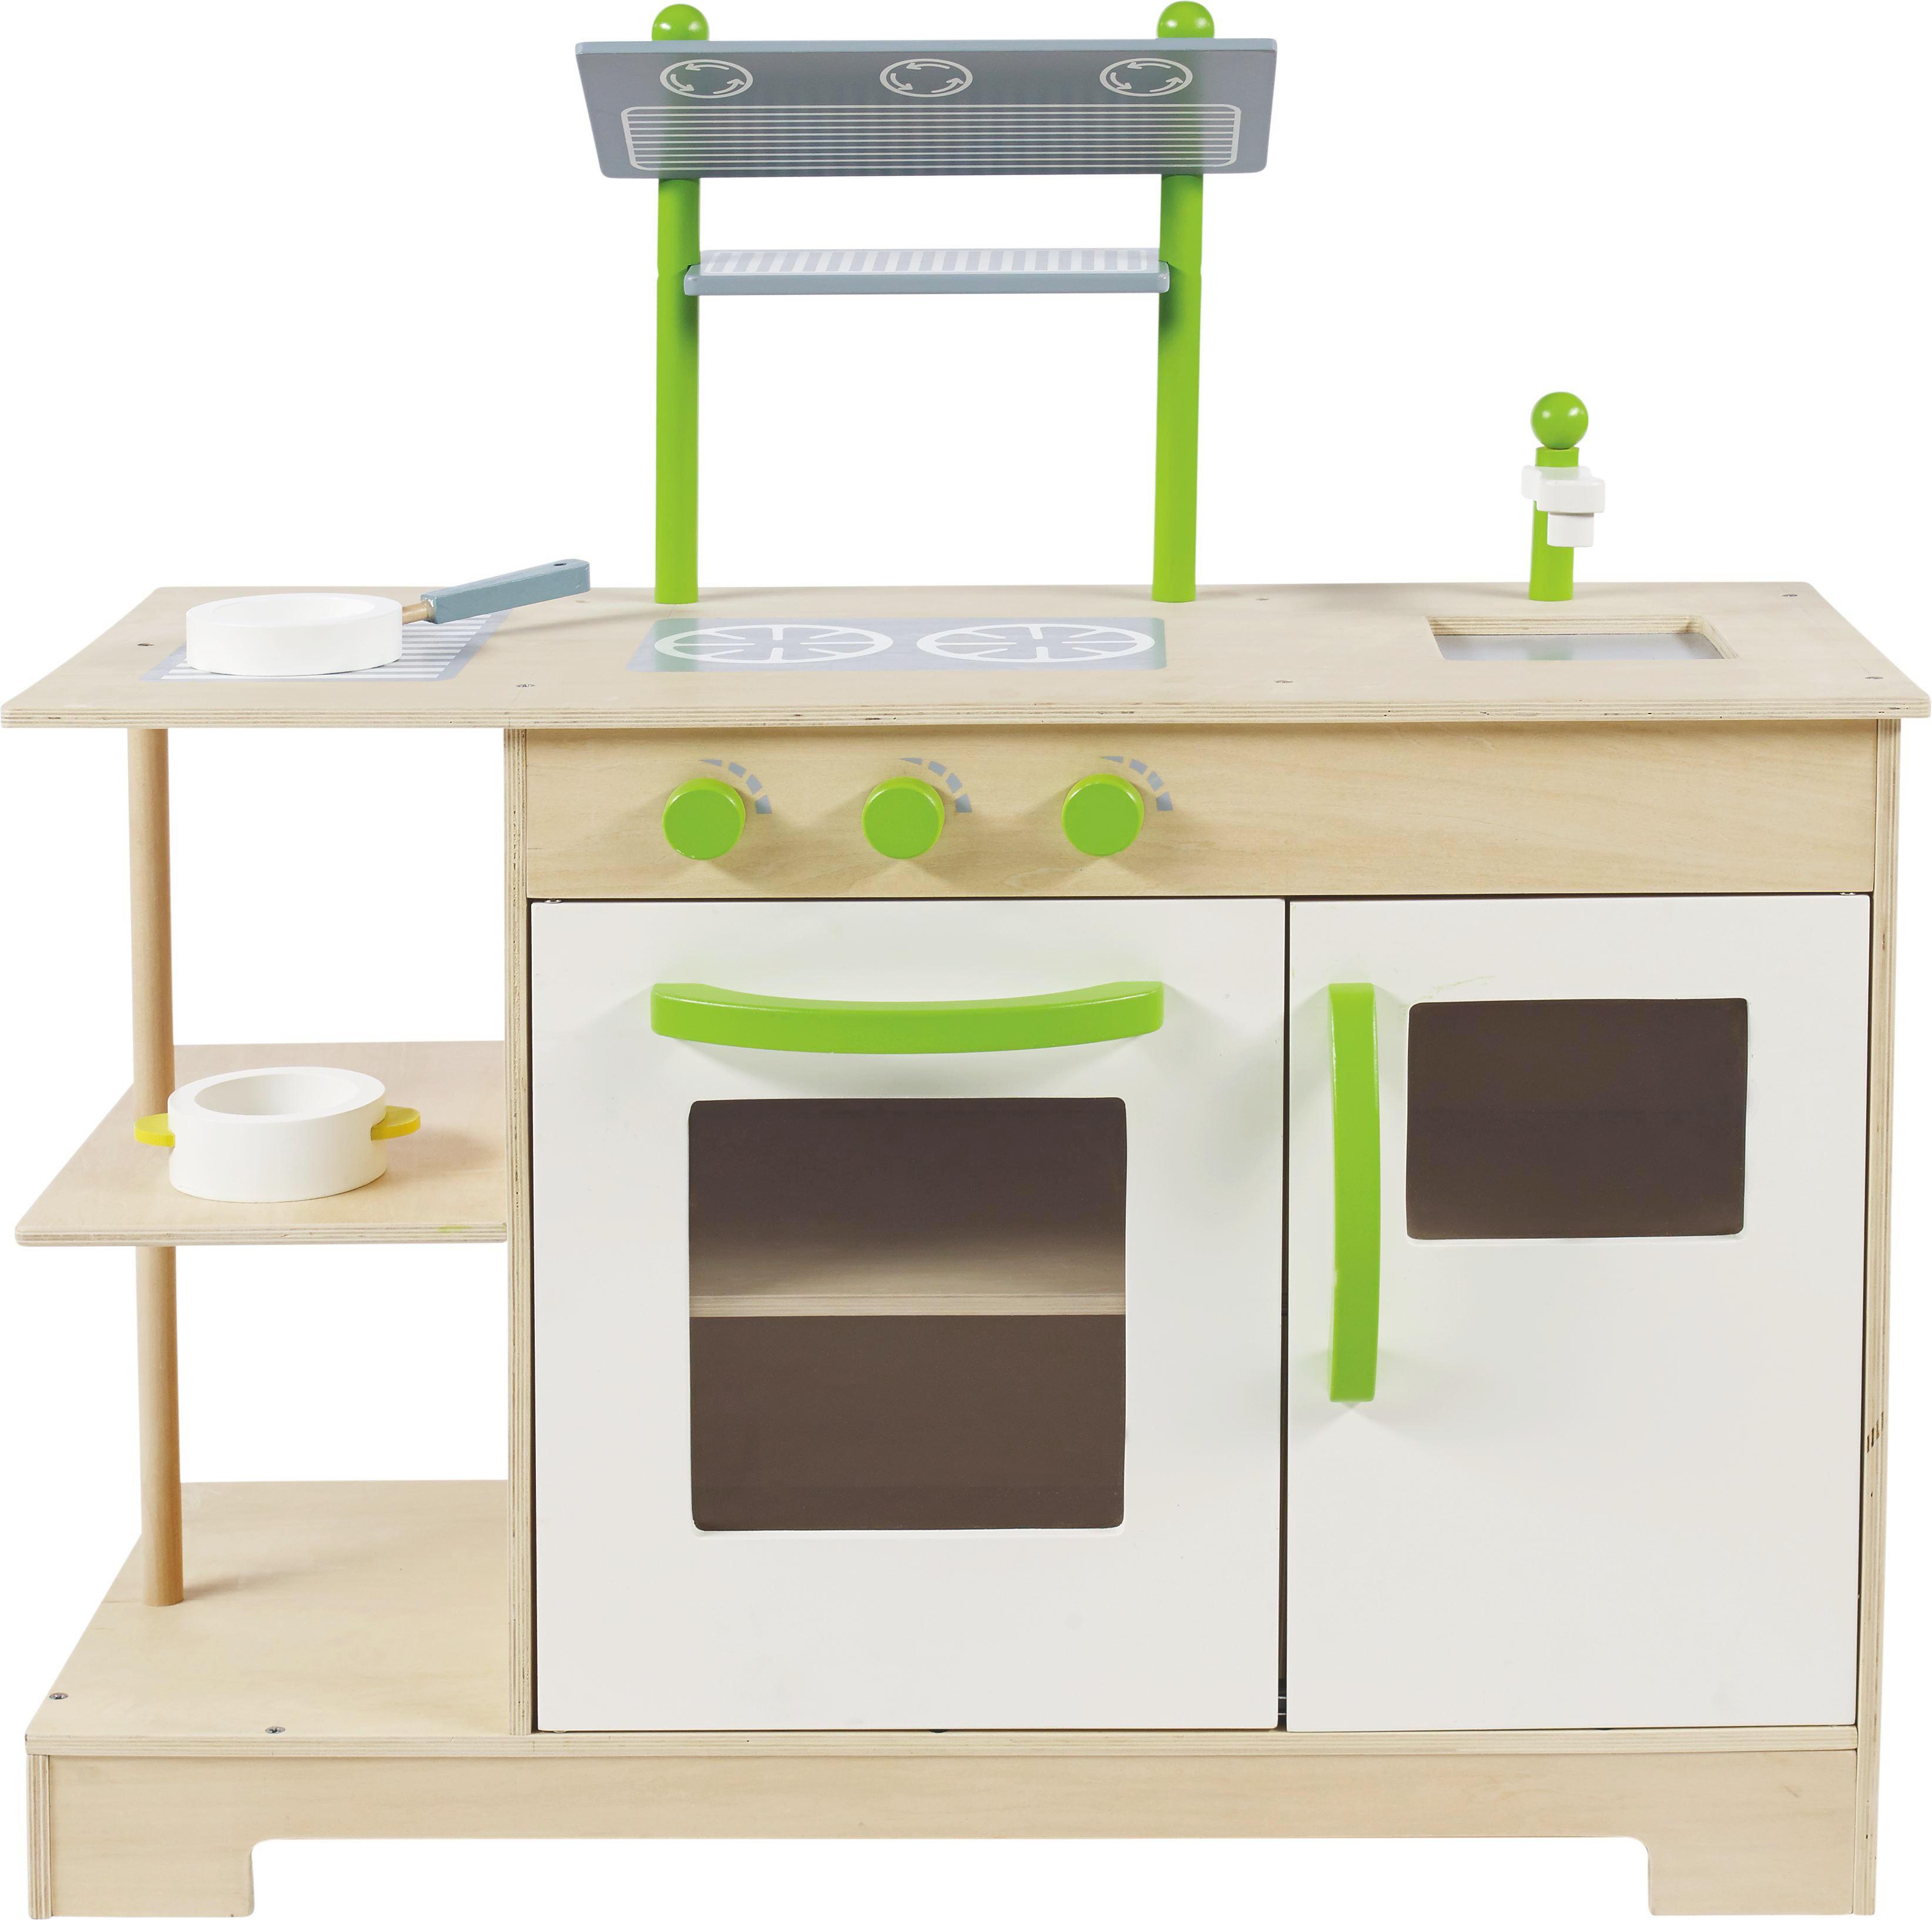 Roba Spielkche Excellent Glckskfer Spielkche Mit Aufsatz Holz